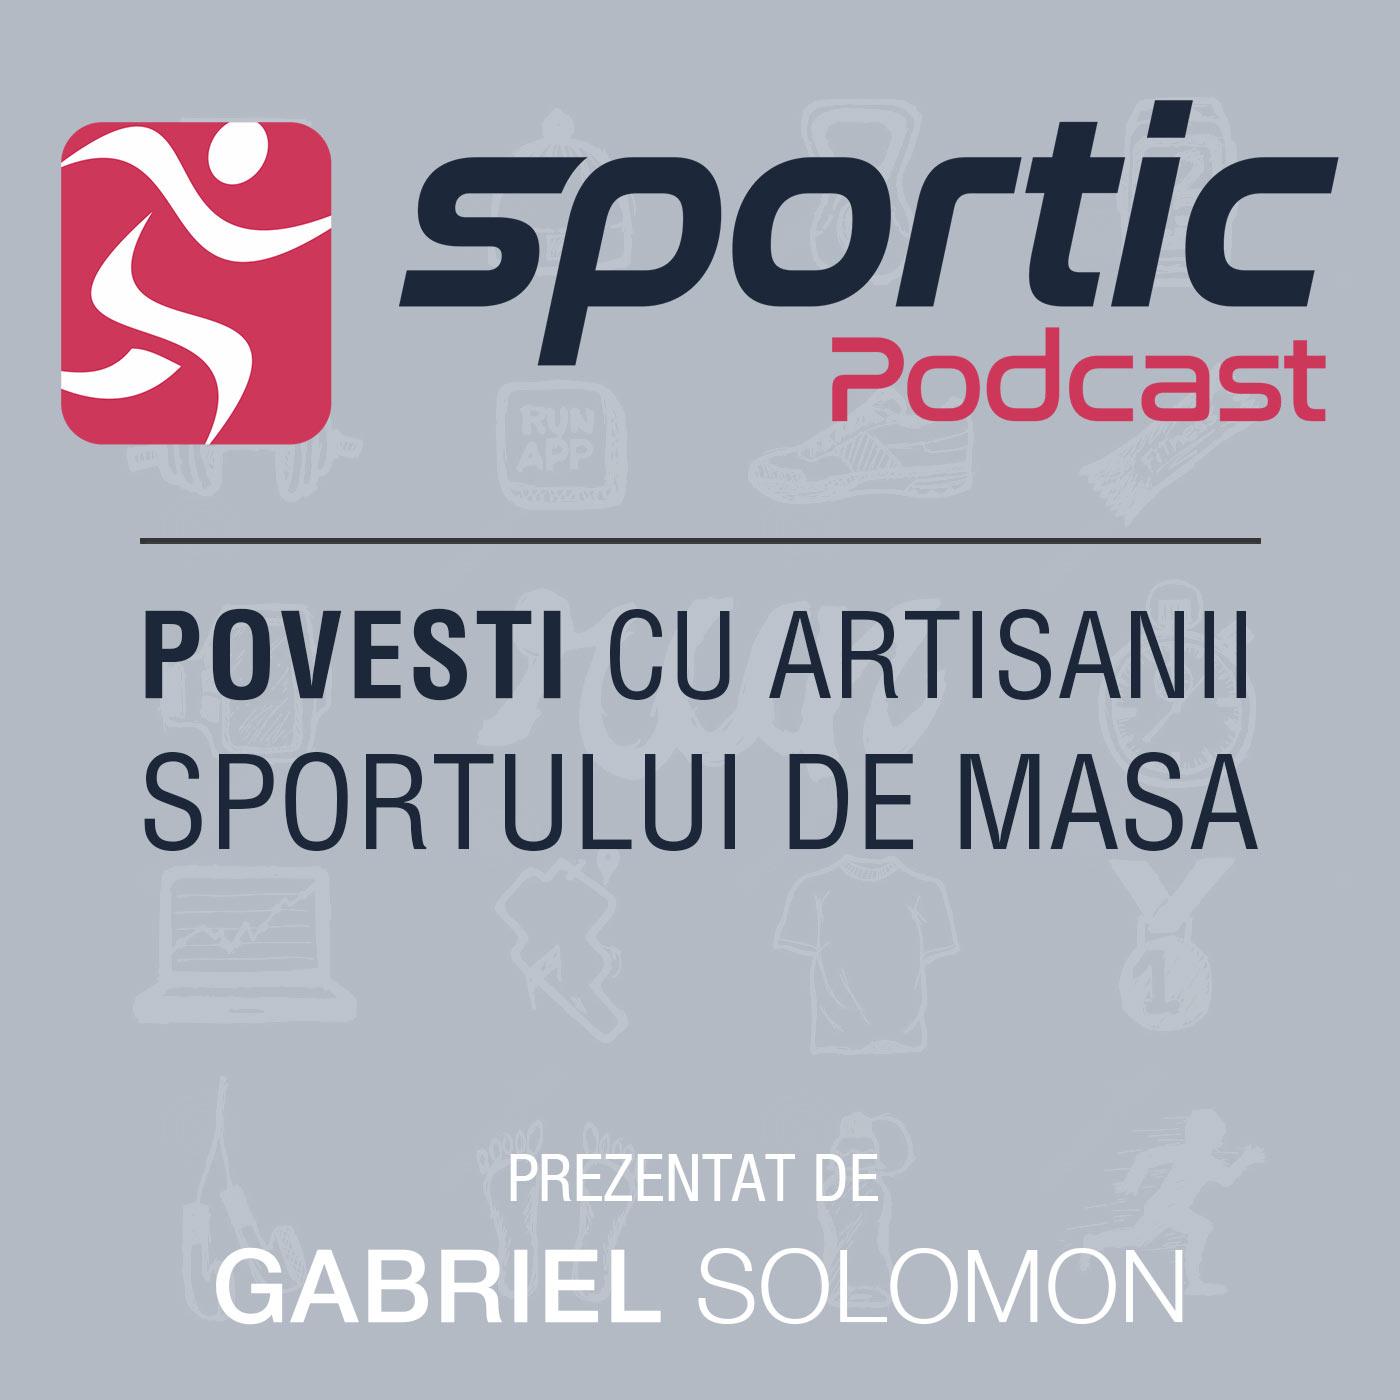 Podcast | Sportic – din pasiune pentru sport